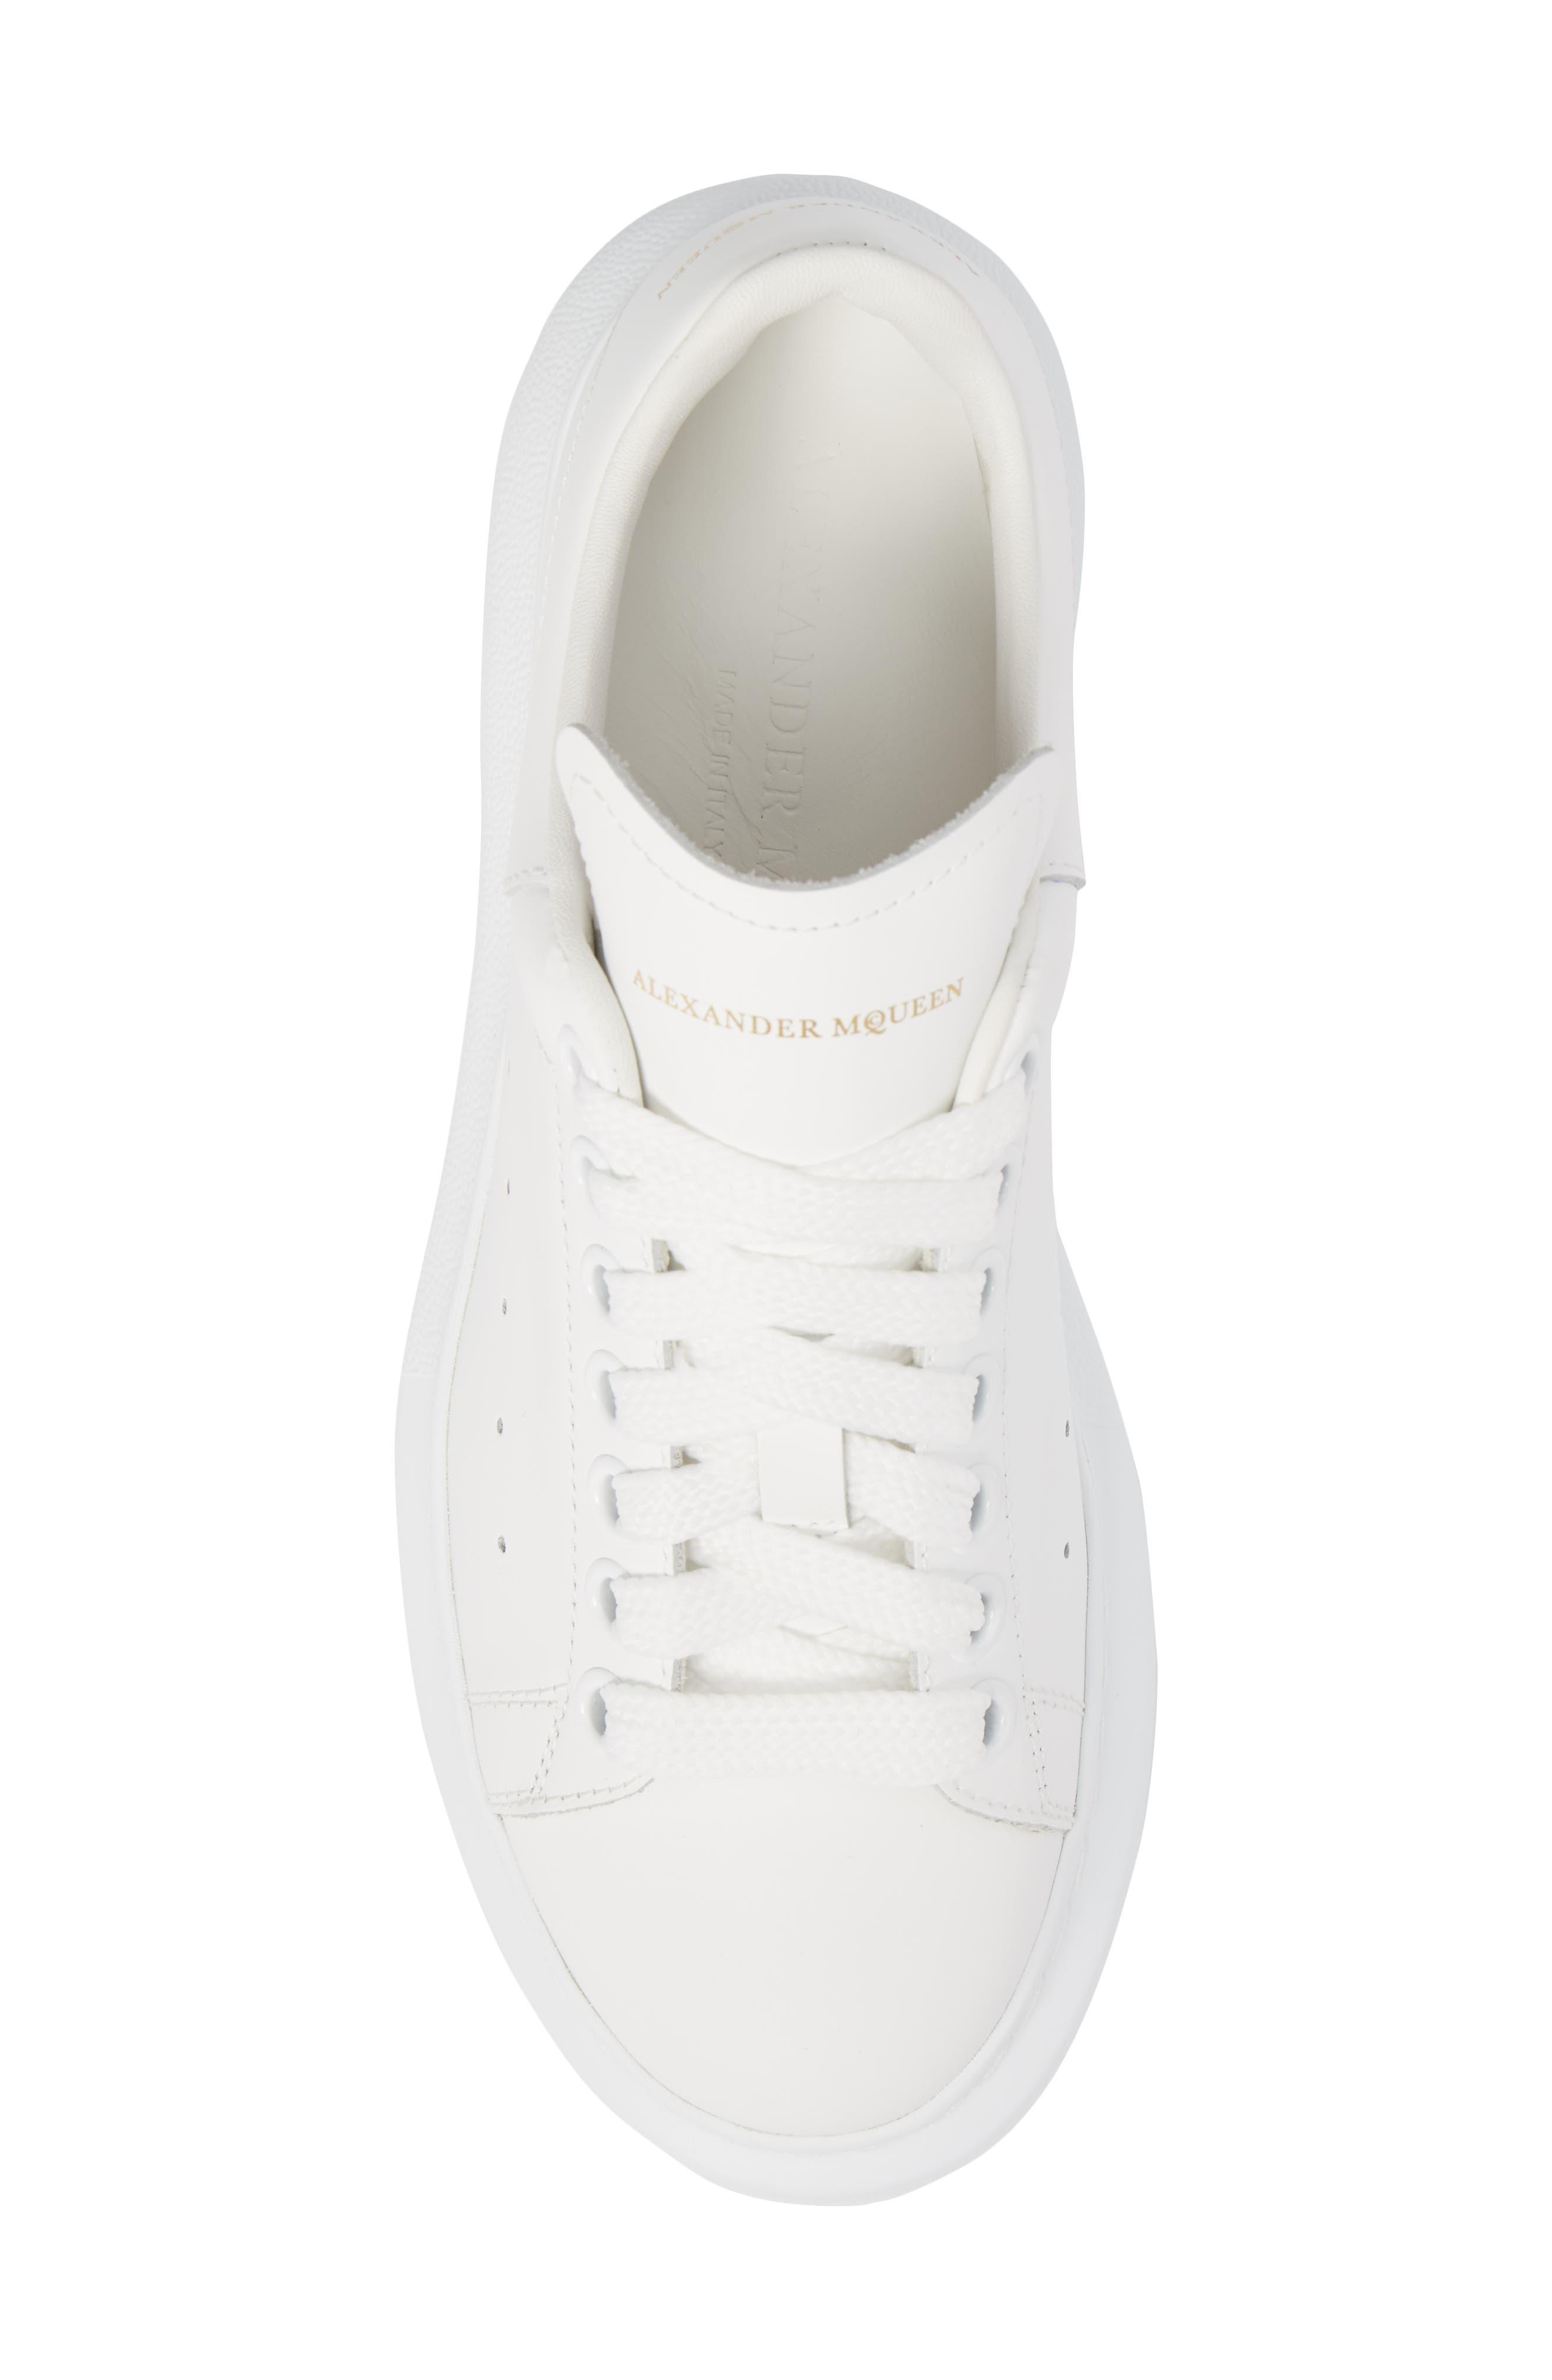 ALEXANDER MCQUEEN,                             Sneaker,                             Alternate thumbnail 5, color,                             WHITE/ WHITE